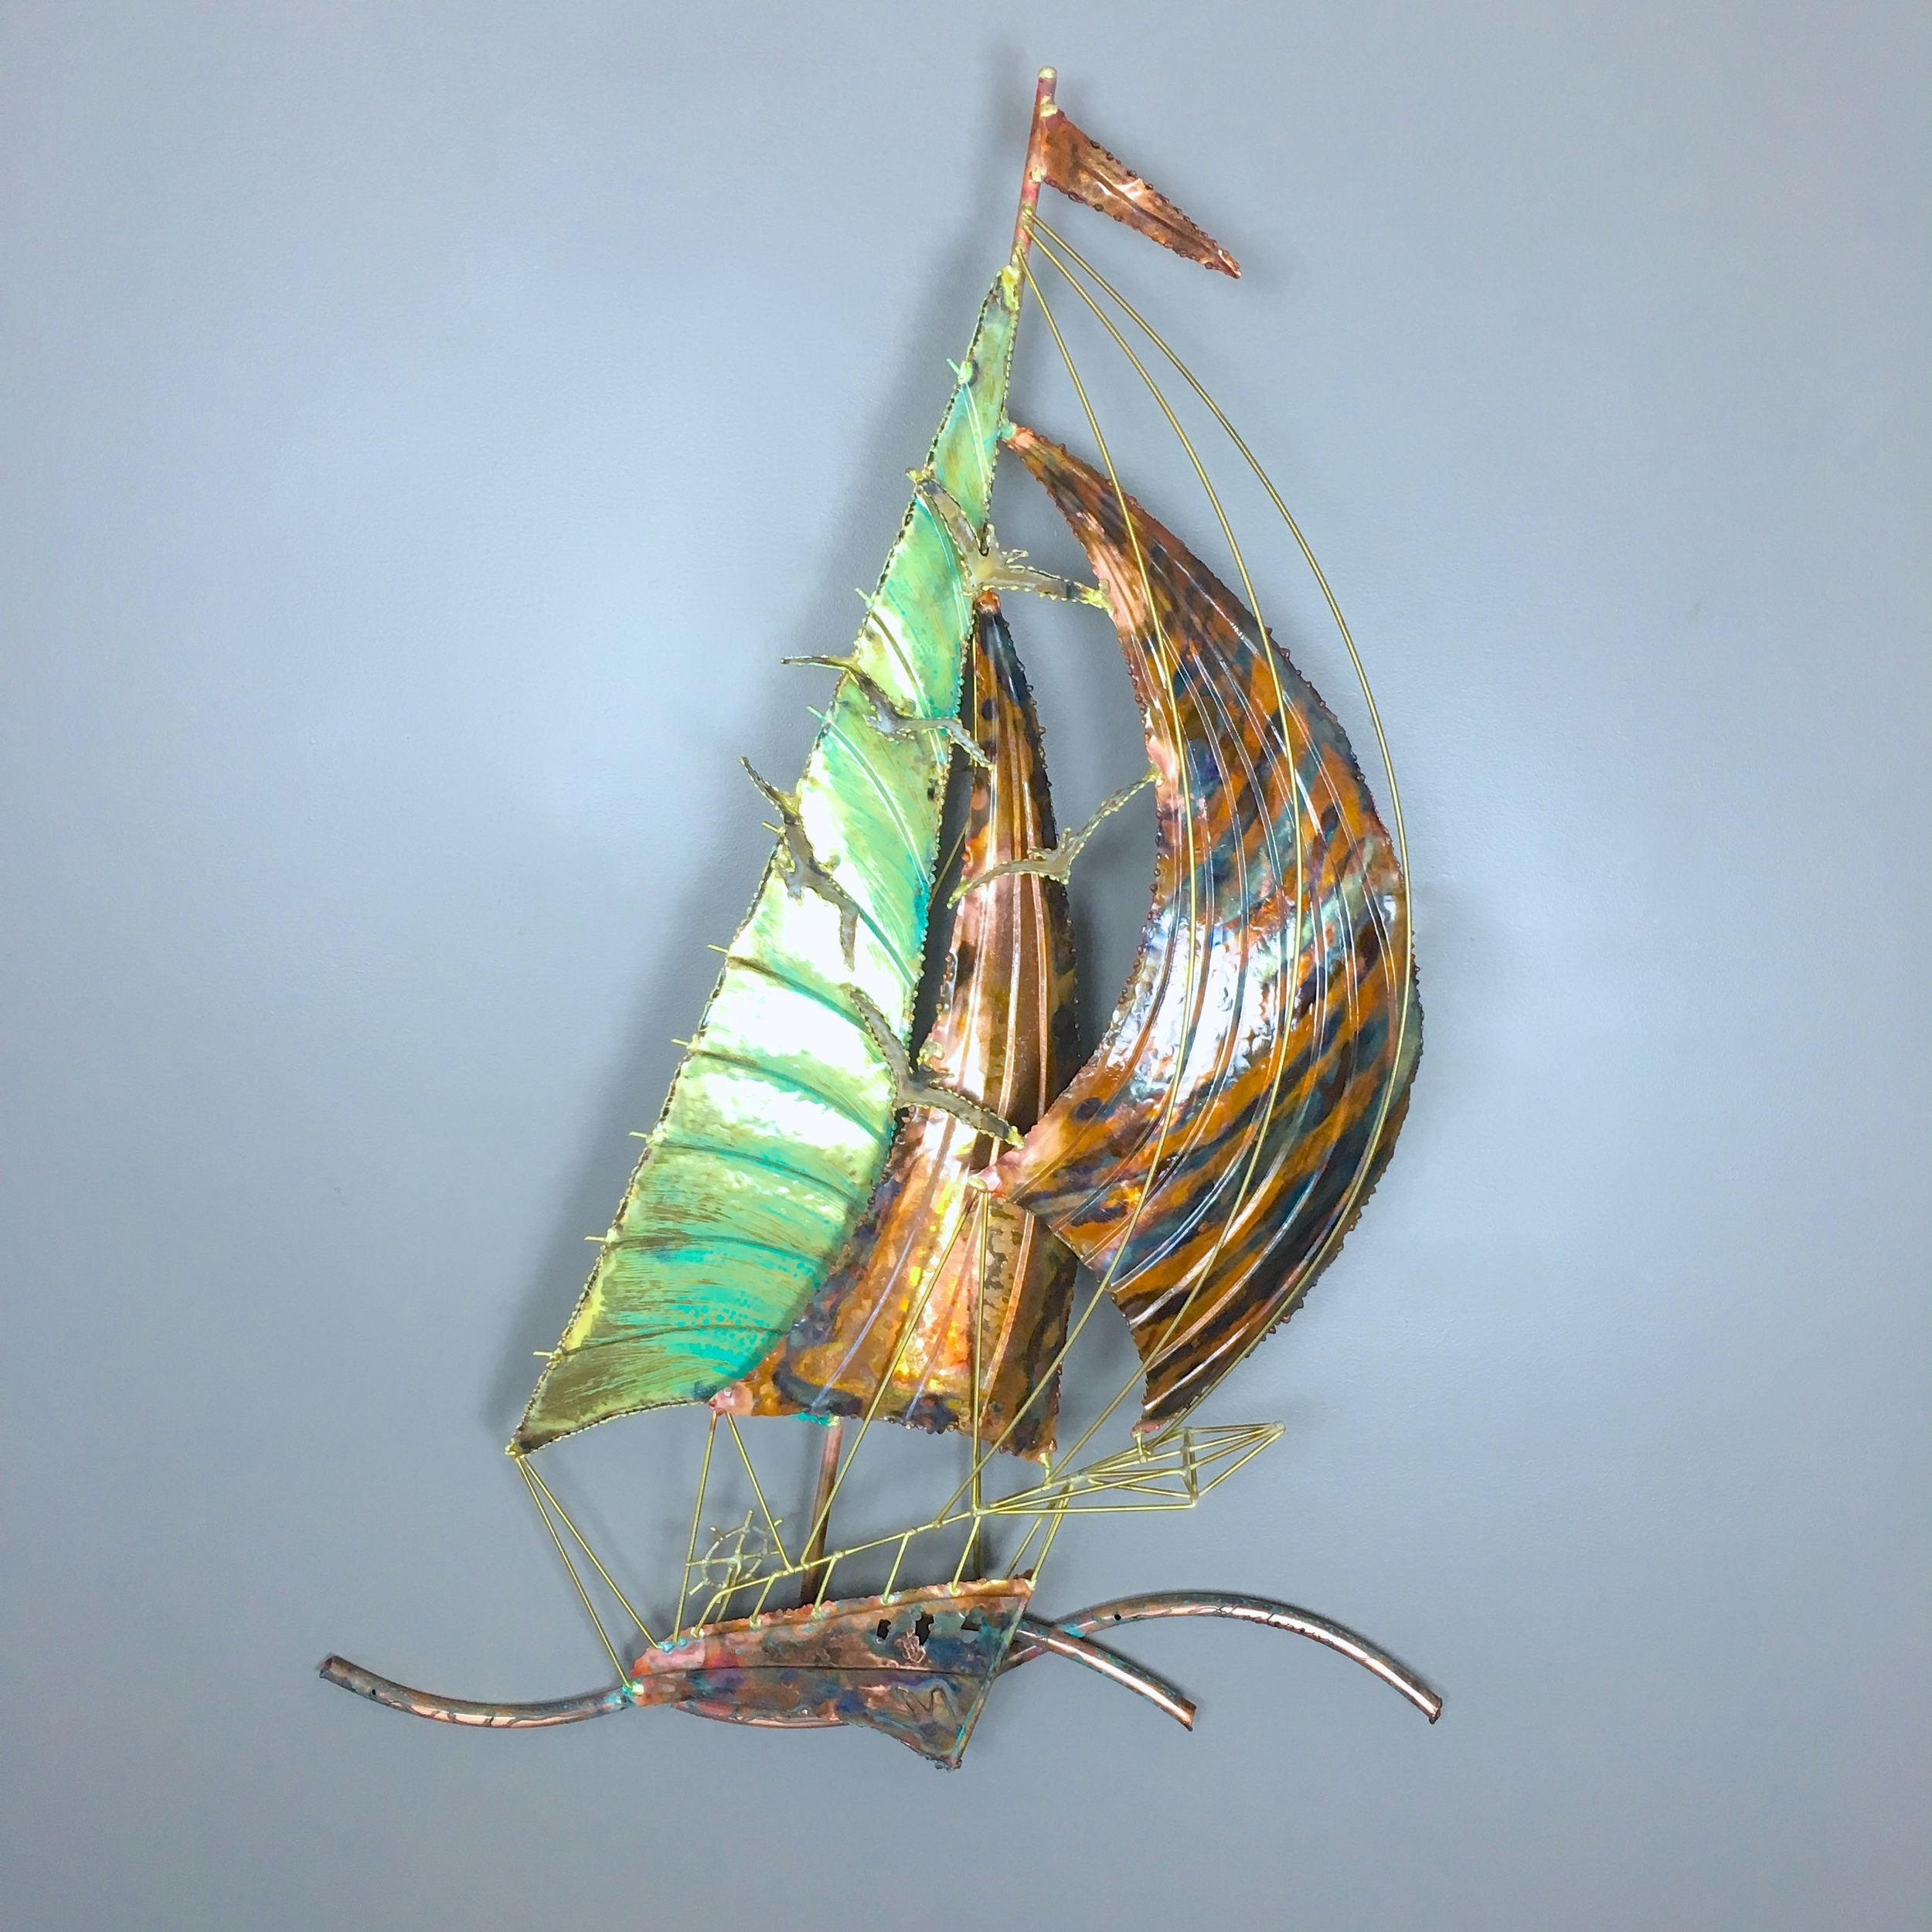 Small Sail Boat